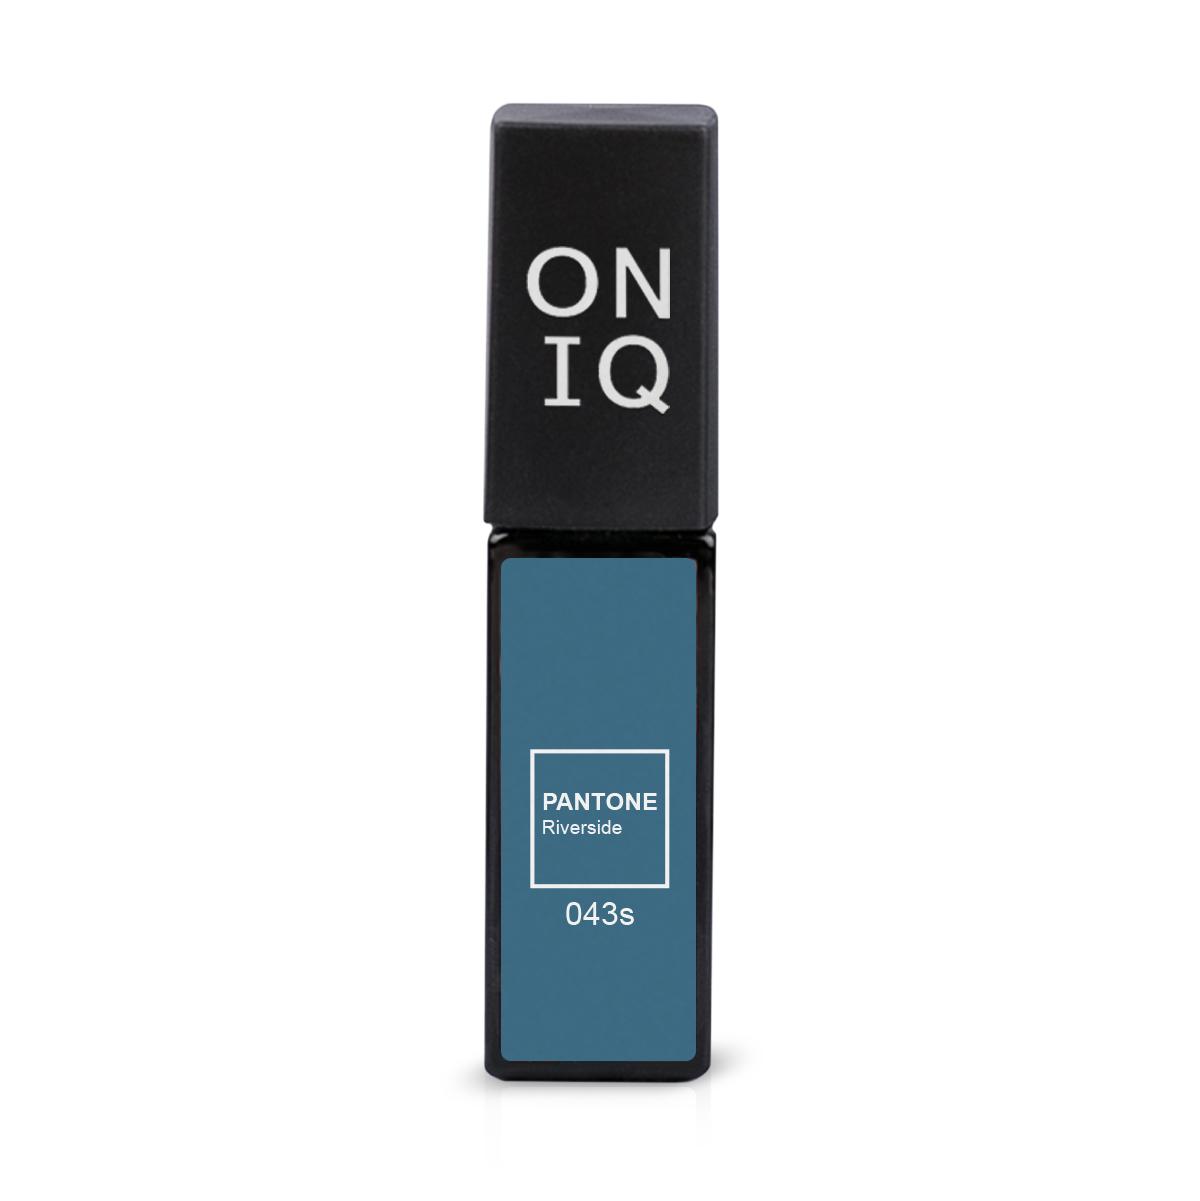 ONIQ Гель-лак для покрытия ногтей, Pantone: Riverside, 6 мл